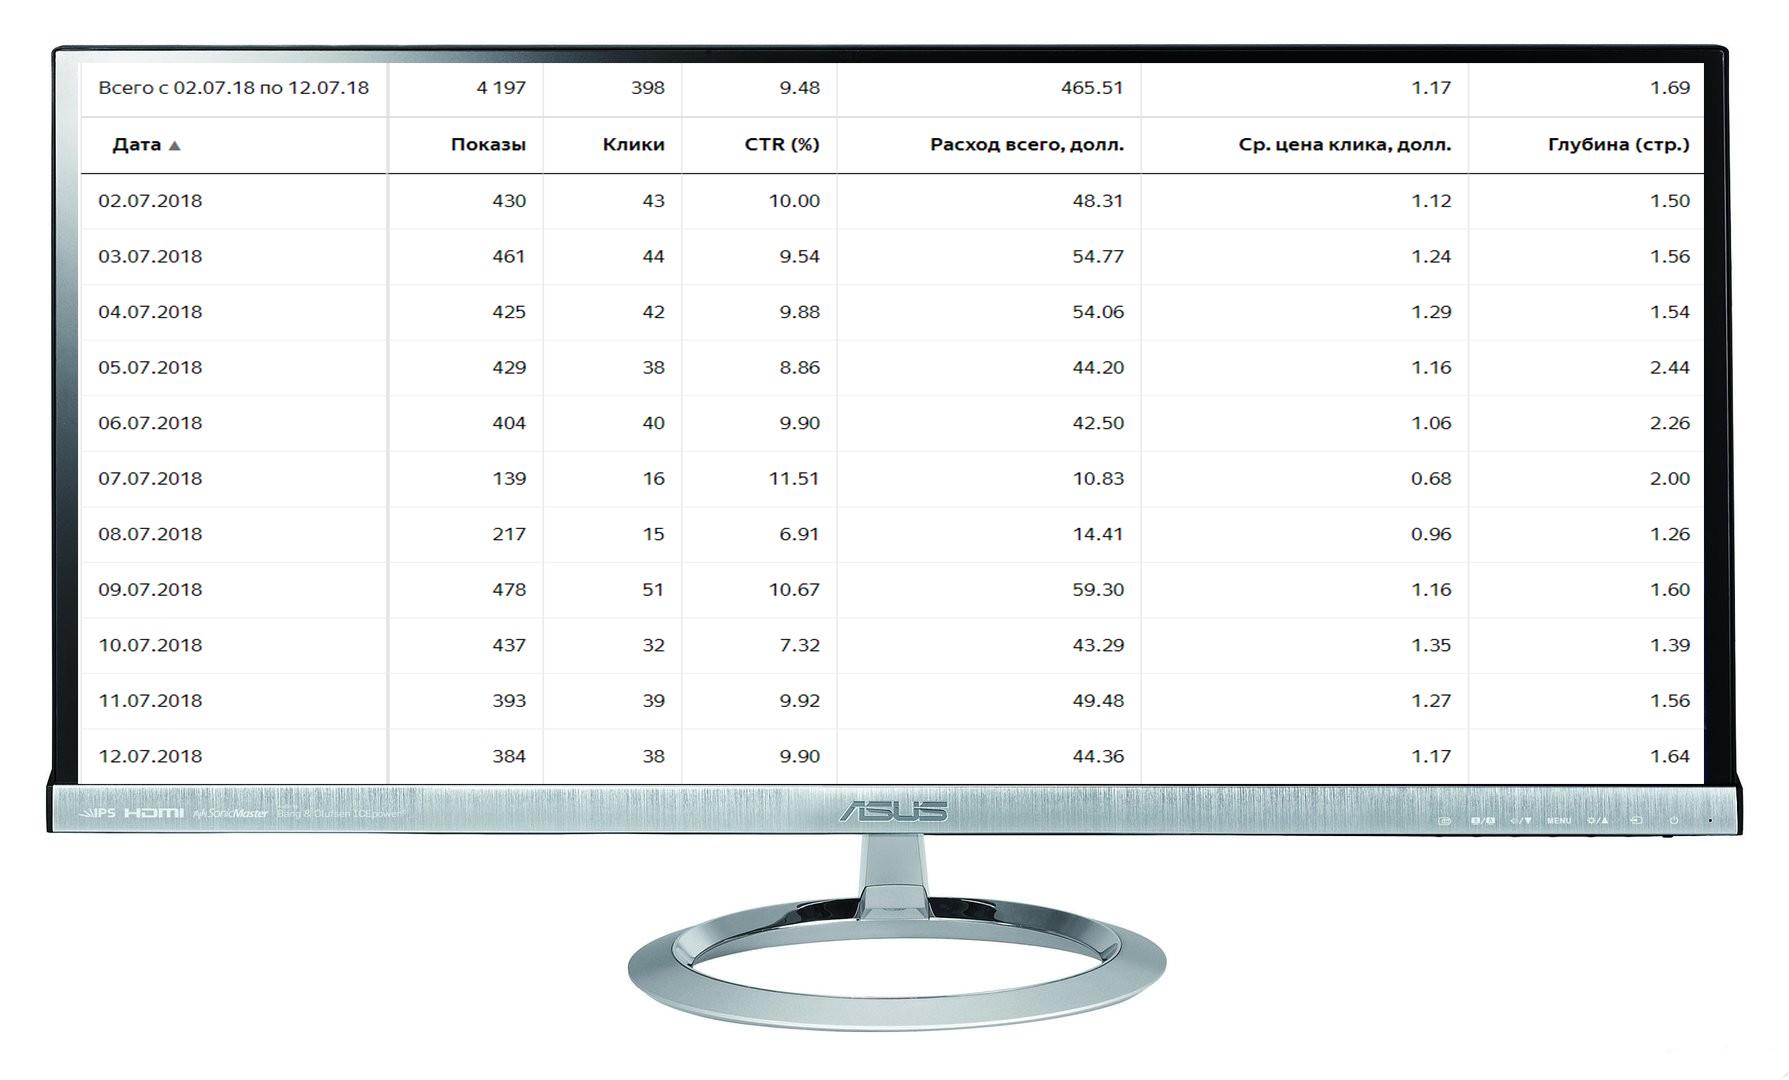 """Кампания """"Выкуп авто"""" Количество лидов за 11 дн: 23 Конверсия сайта: 5,7% /Цена лида: 1200 руб. /CTR 10%"""